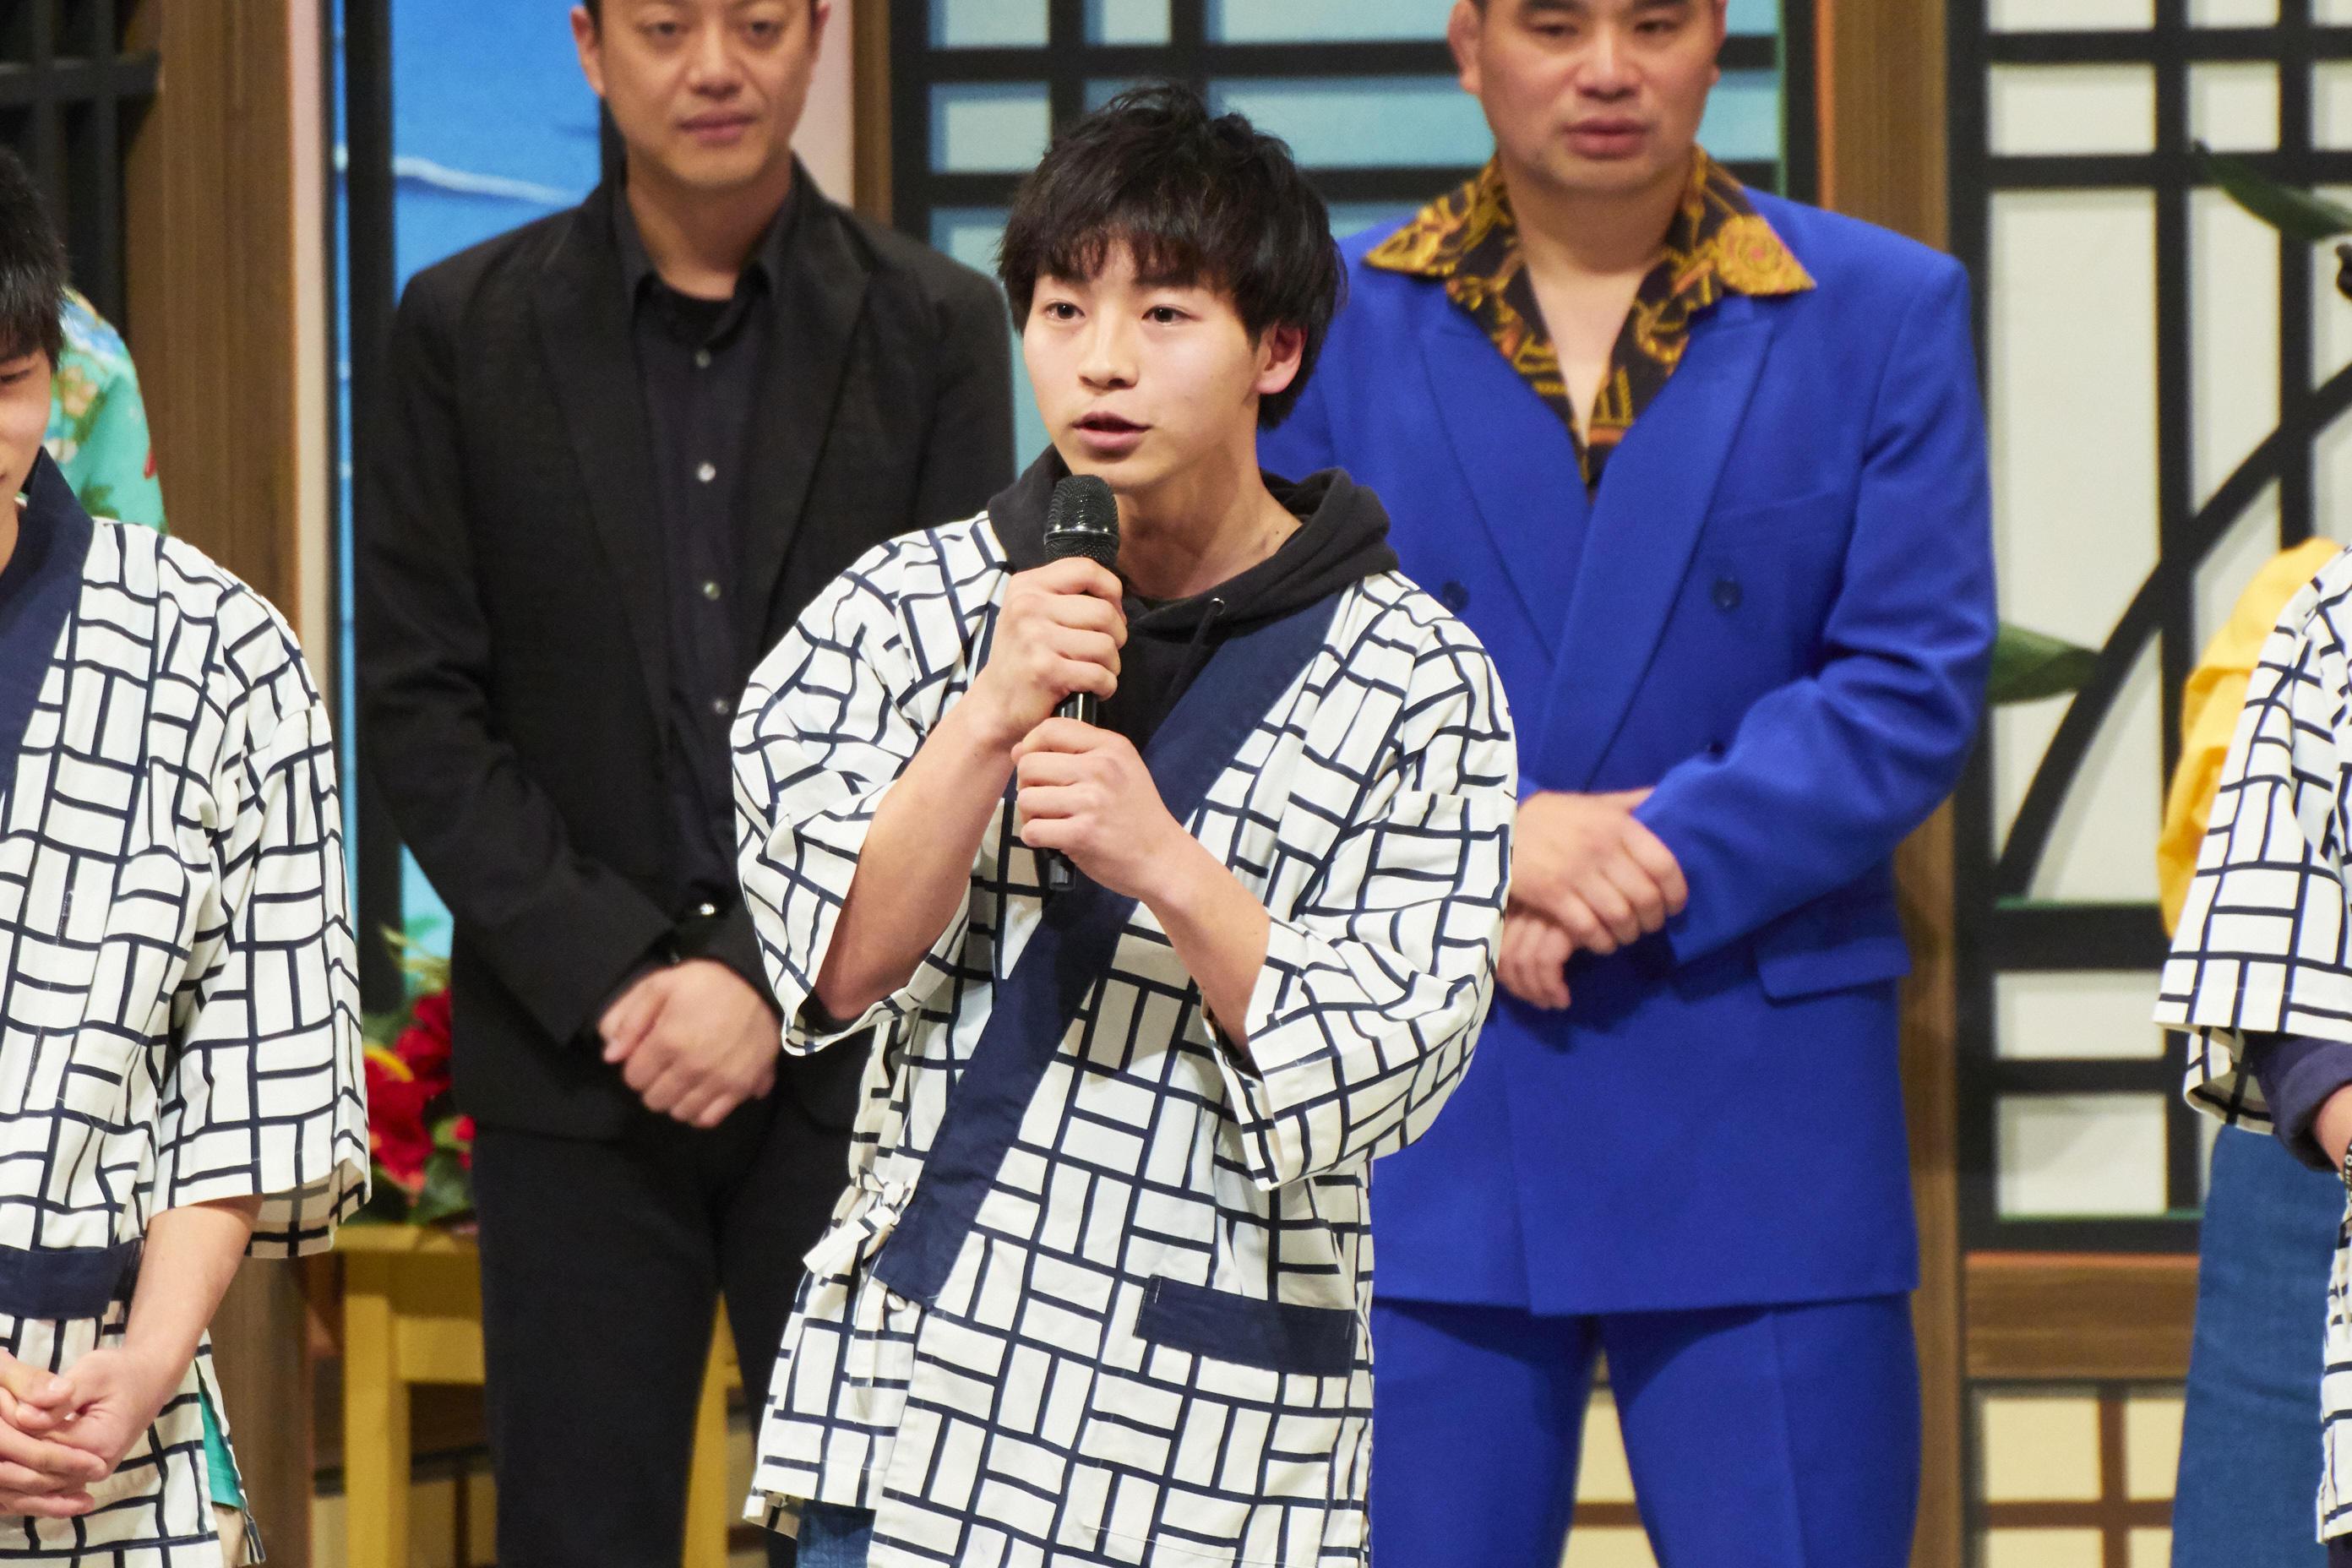 http://news.yoshimoto.co.jp/20180415184835-cecae93a564cd95b3a0376d427a6638d65a76941.jpg